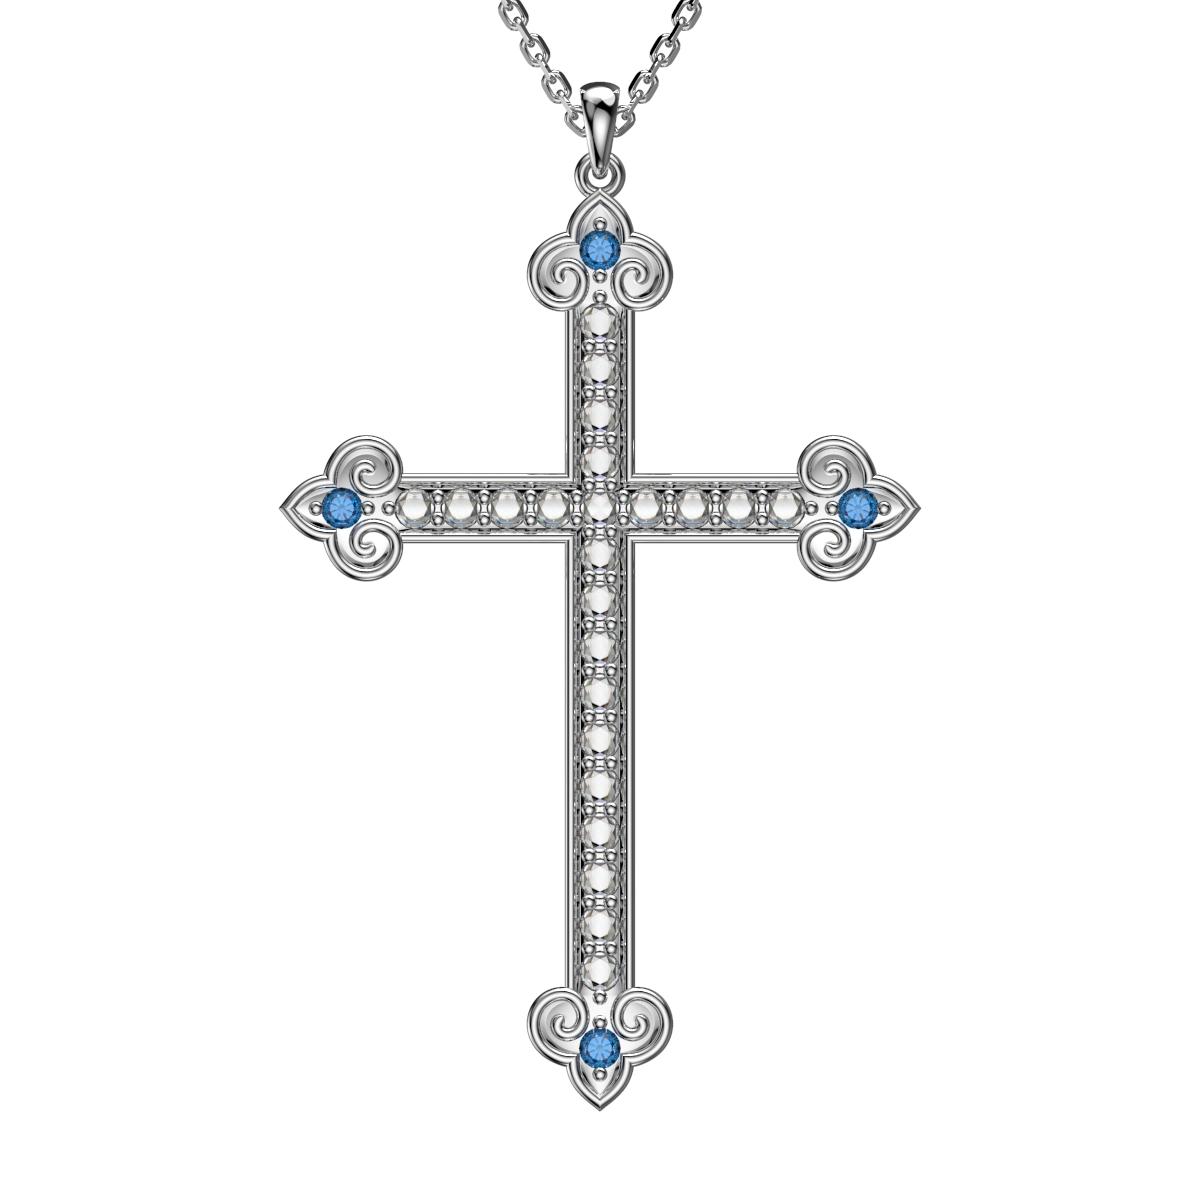 十字架项链